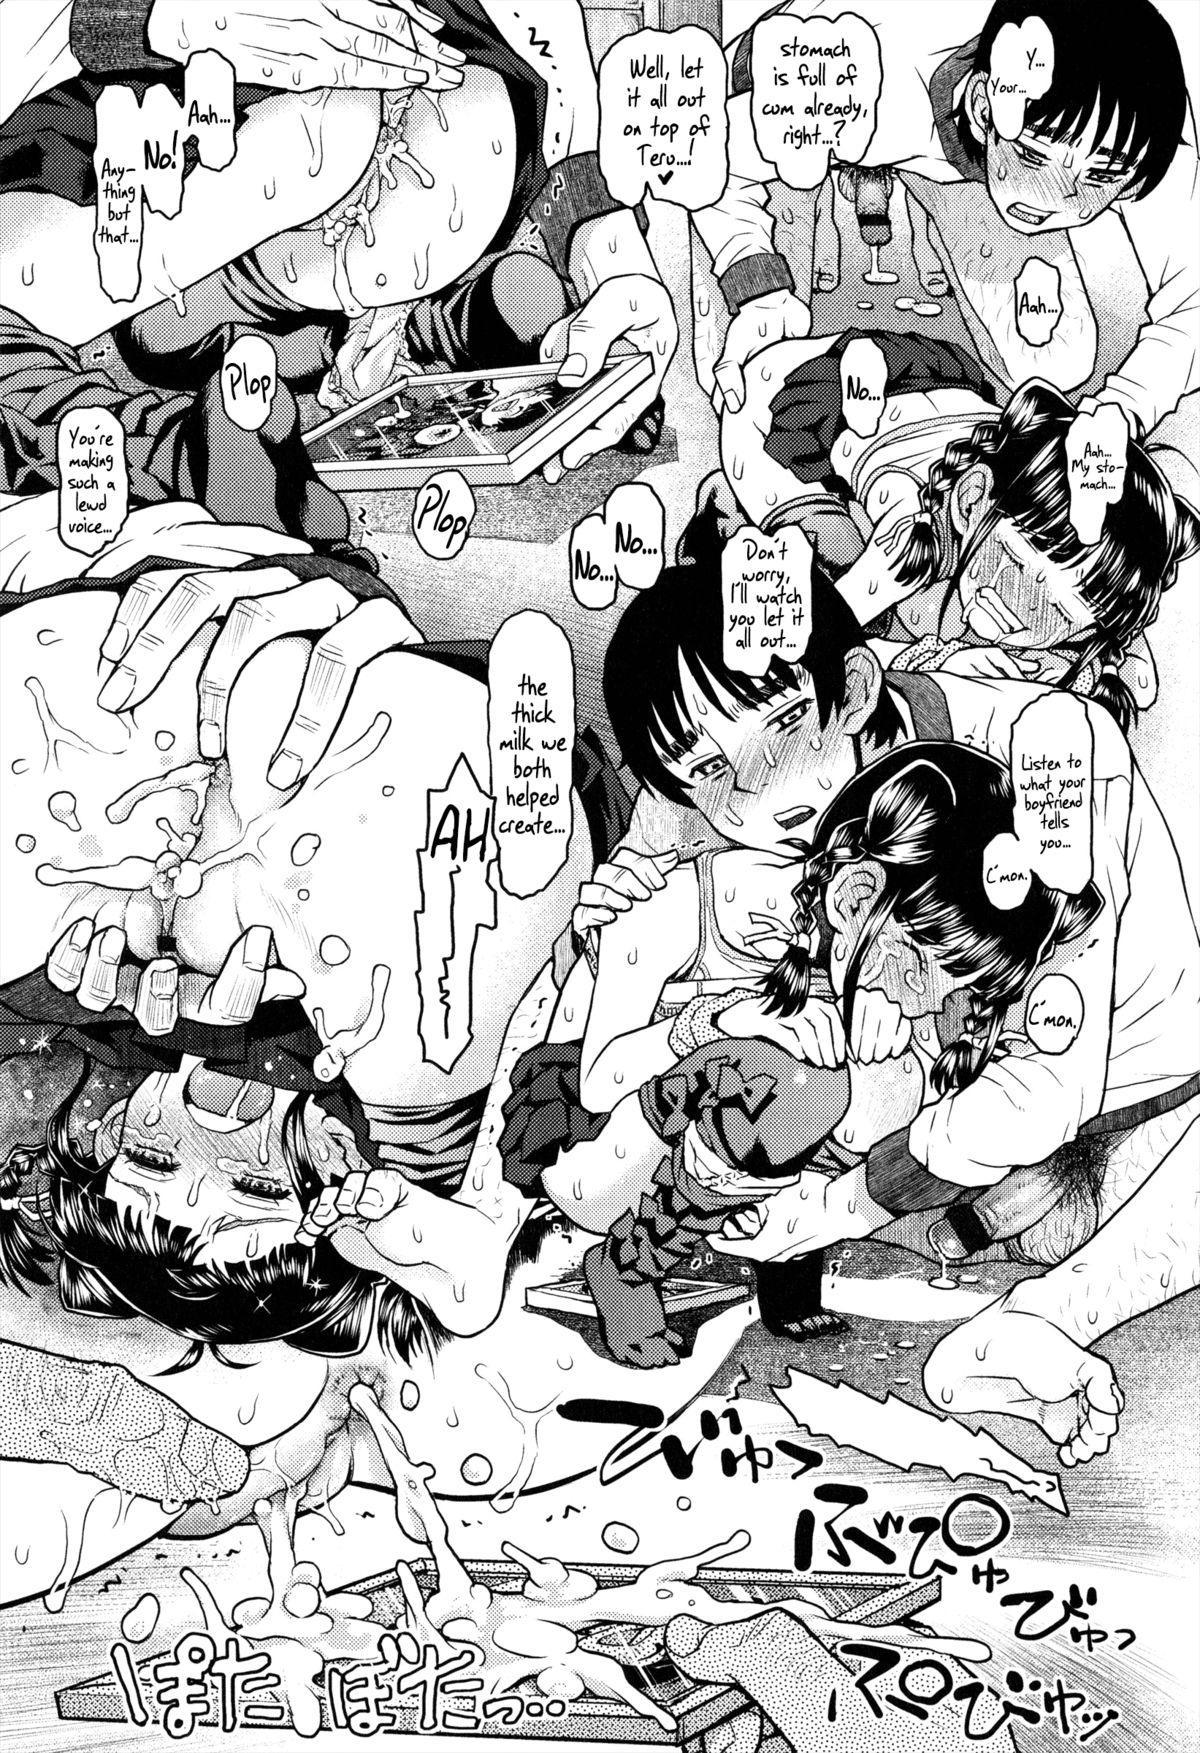 [Minasuki Popuri] Teru-kun ni Aitai   I want to meet up with Teru-kun [English] {5 a.m.} 34